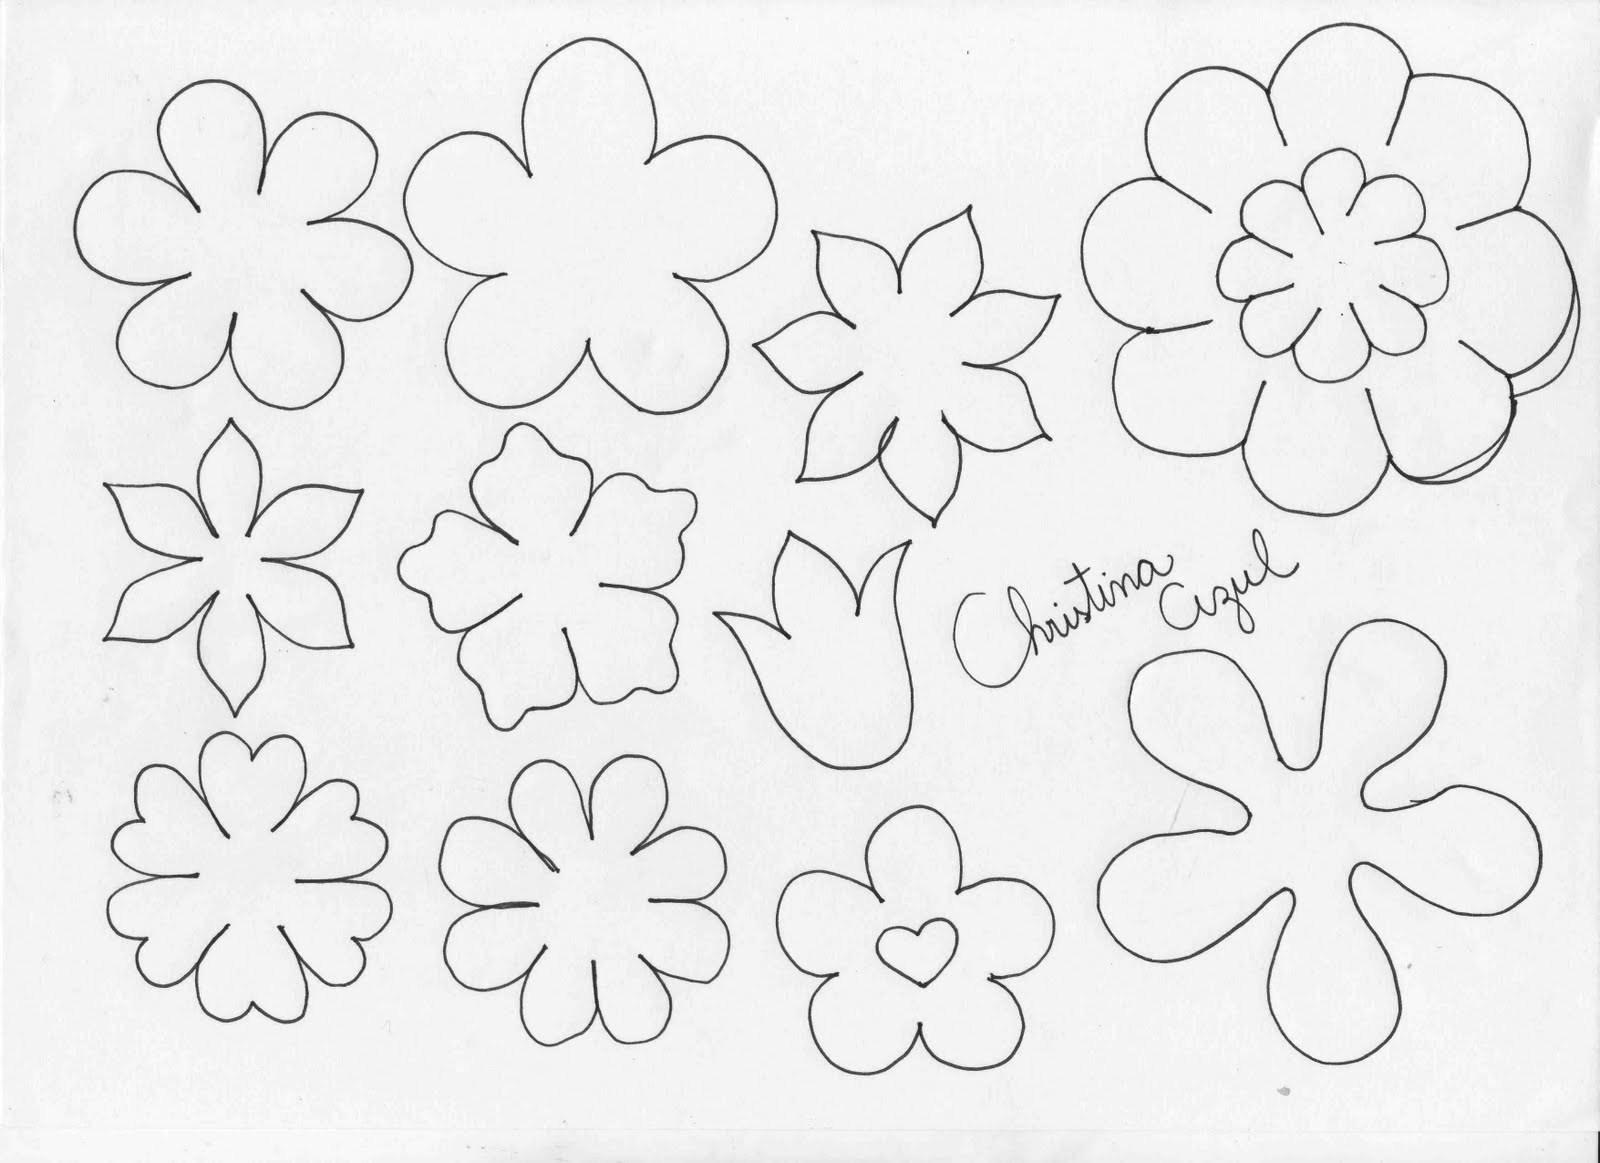 Ideias de Murais e Painéis para a Primavera: Moldes para imprimir.